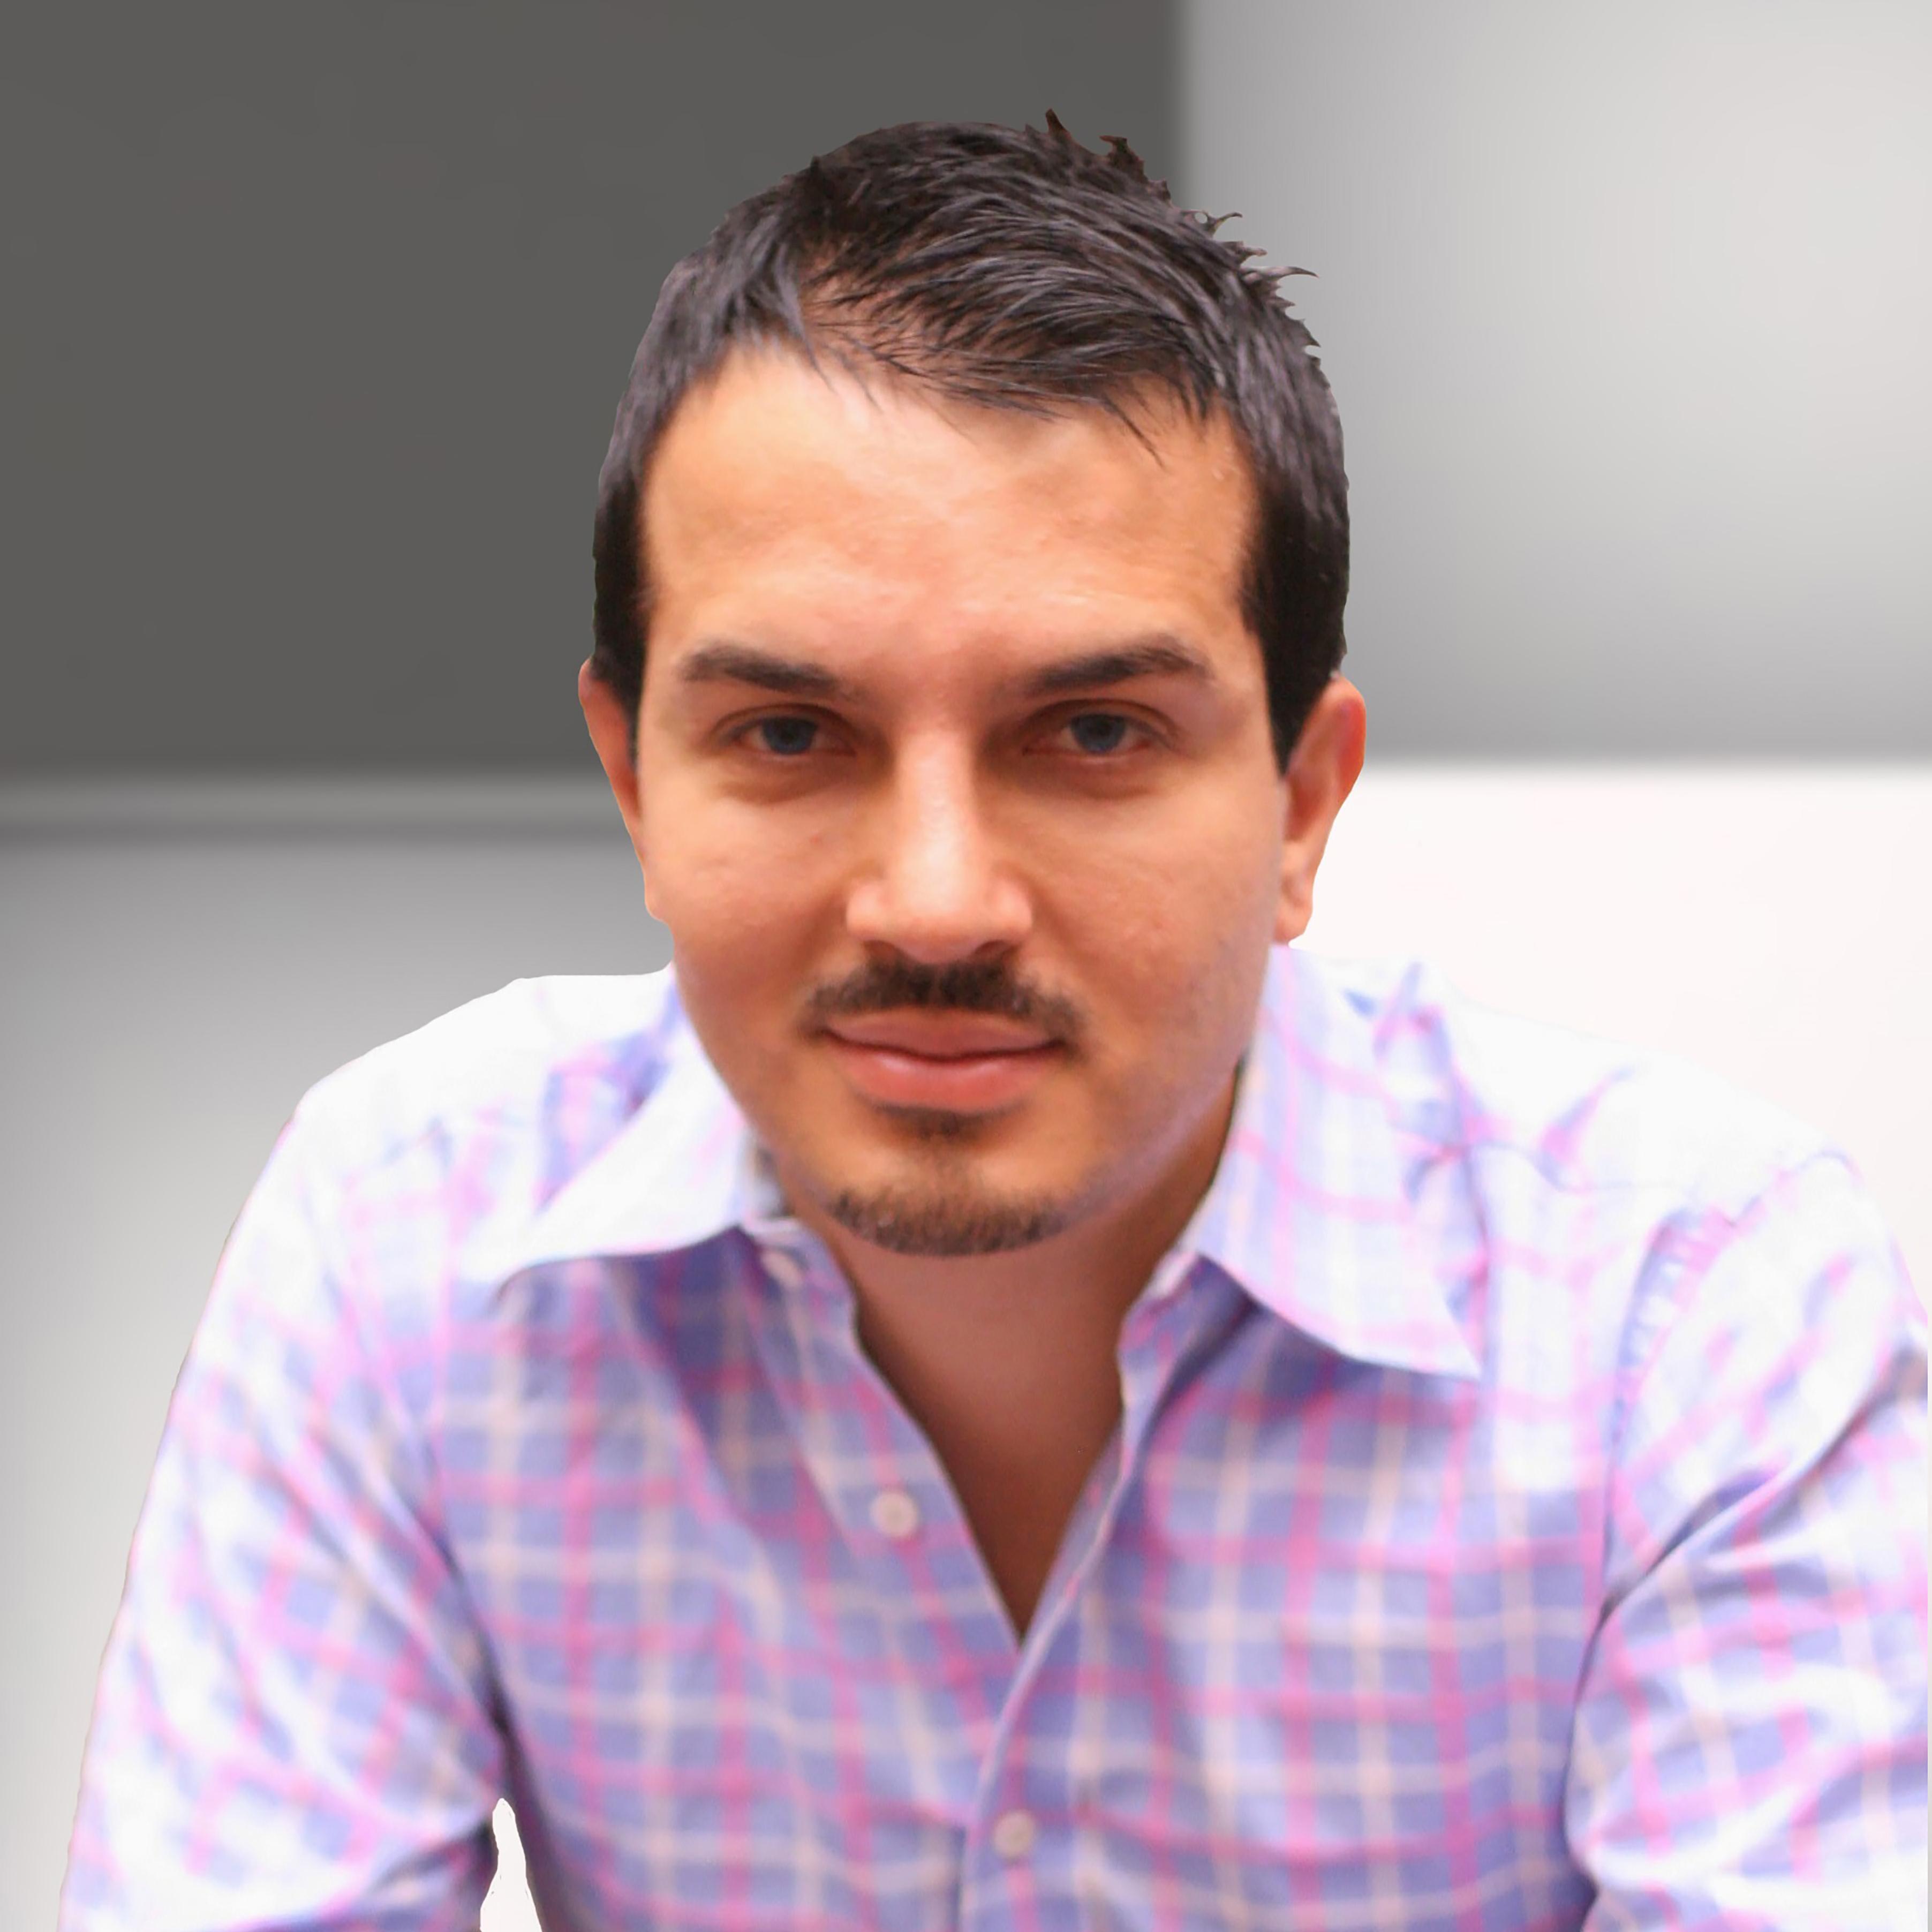 Alex Pirouz